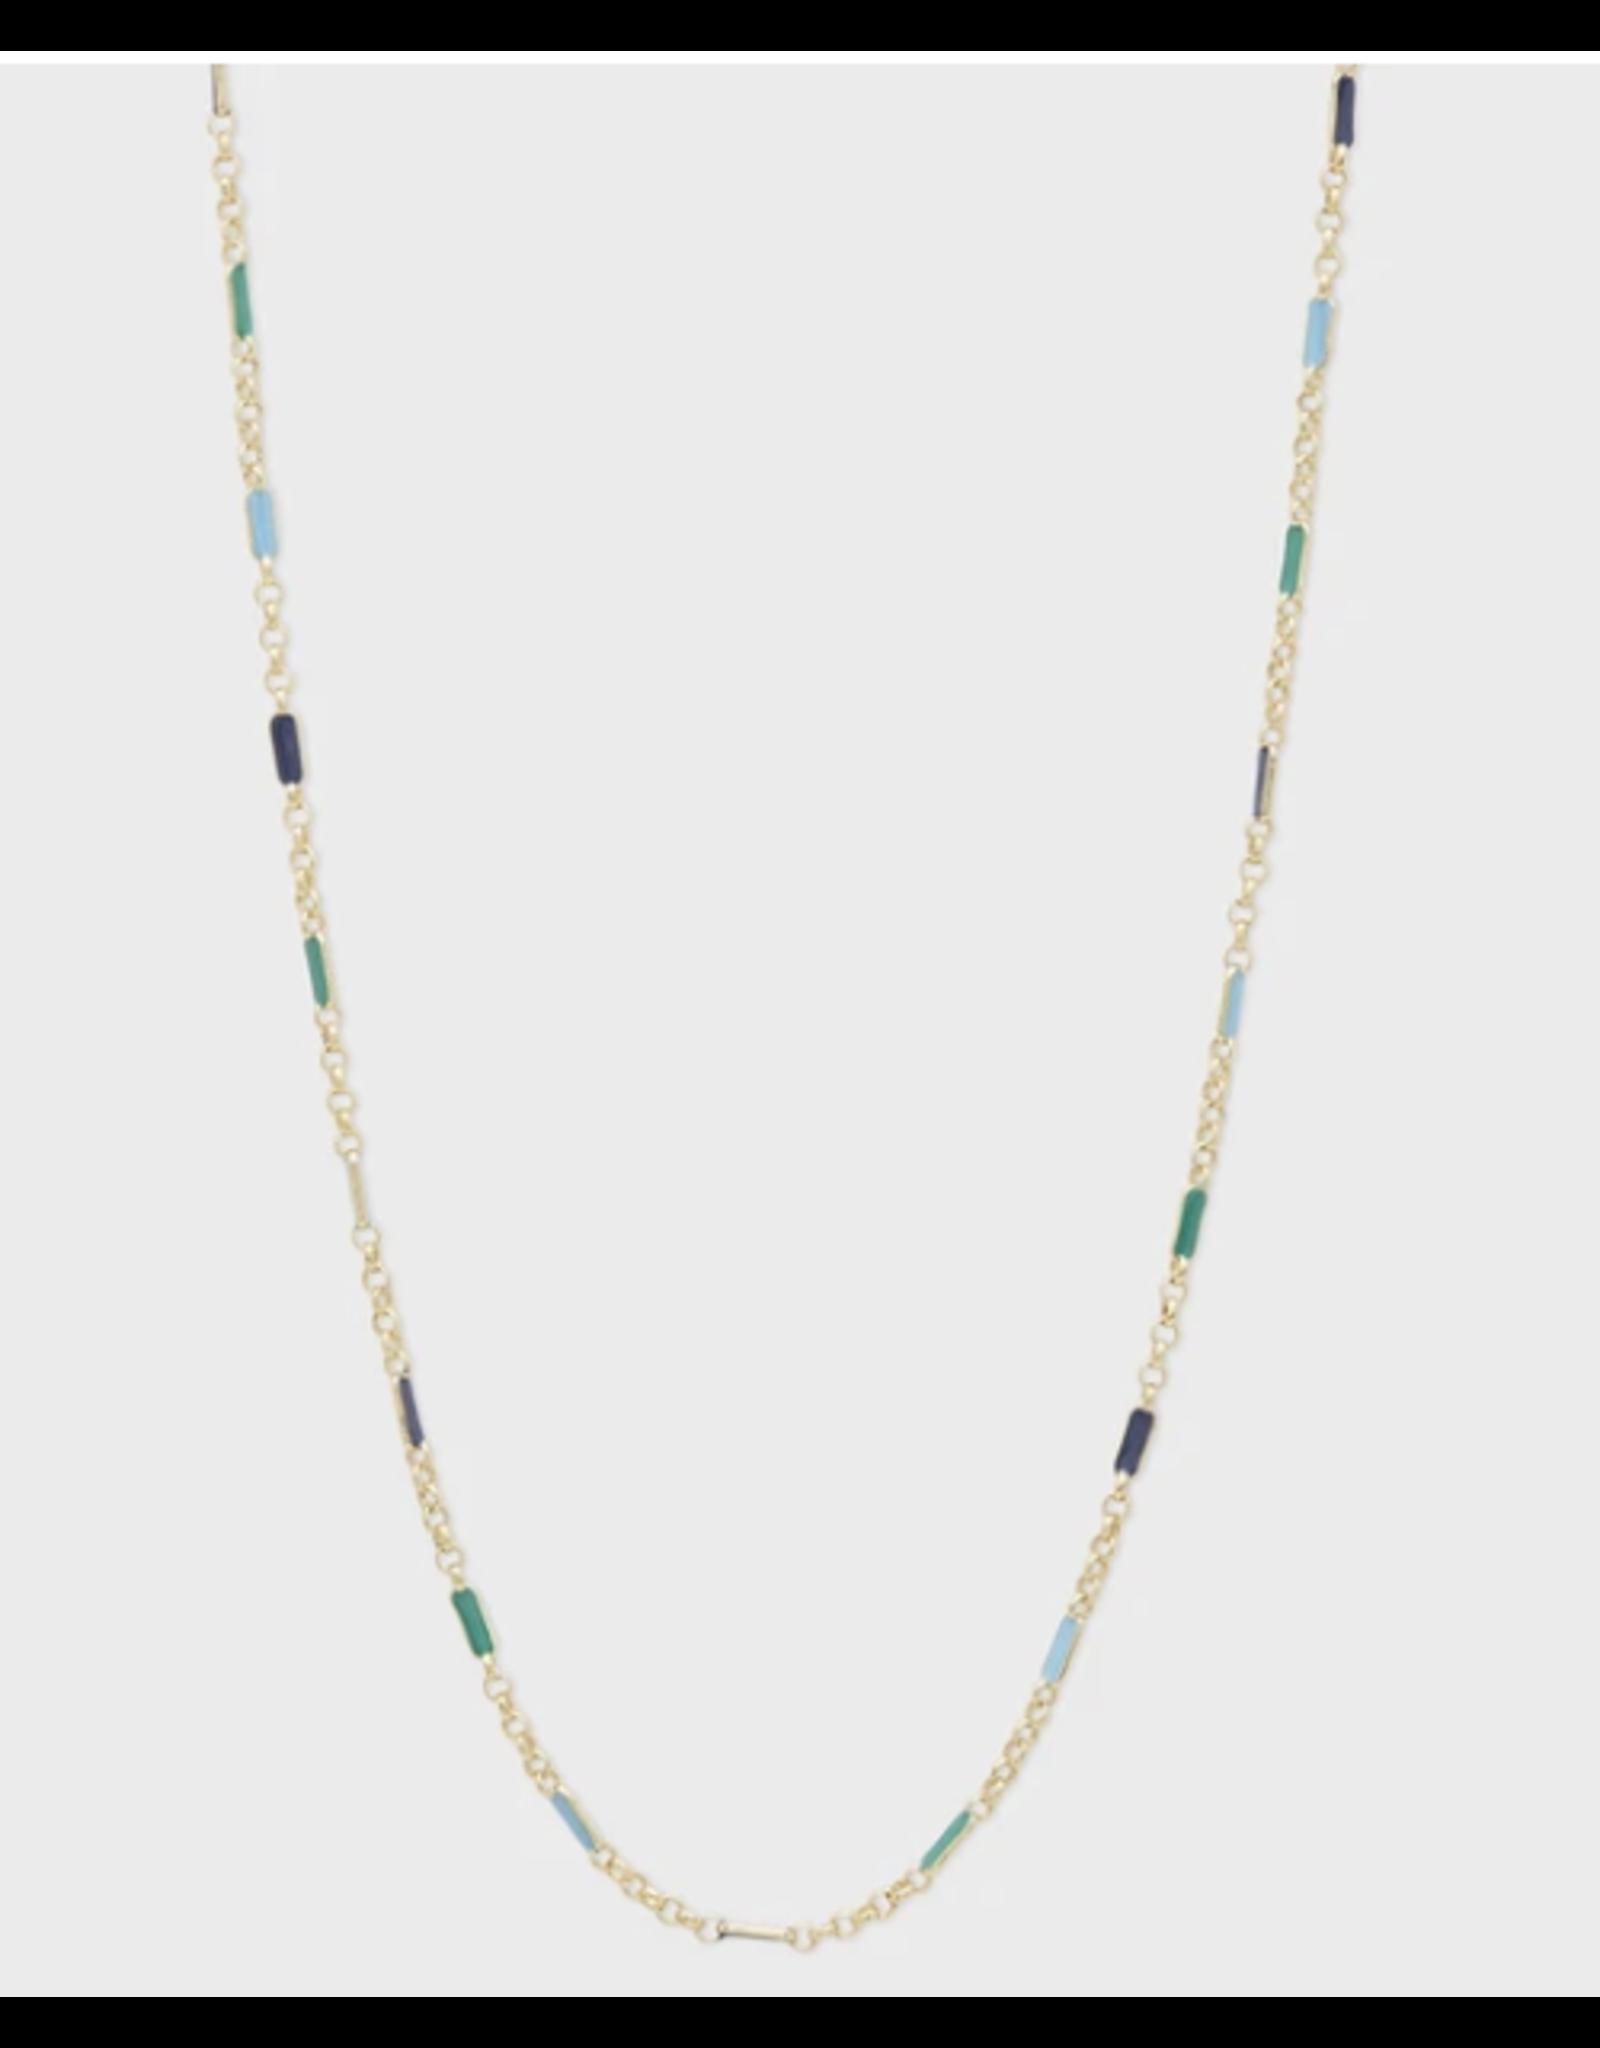 Gorjana Amalfi Necklace